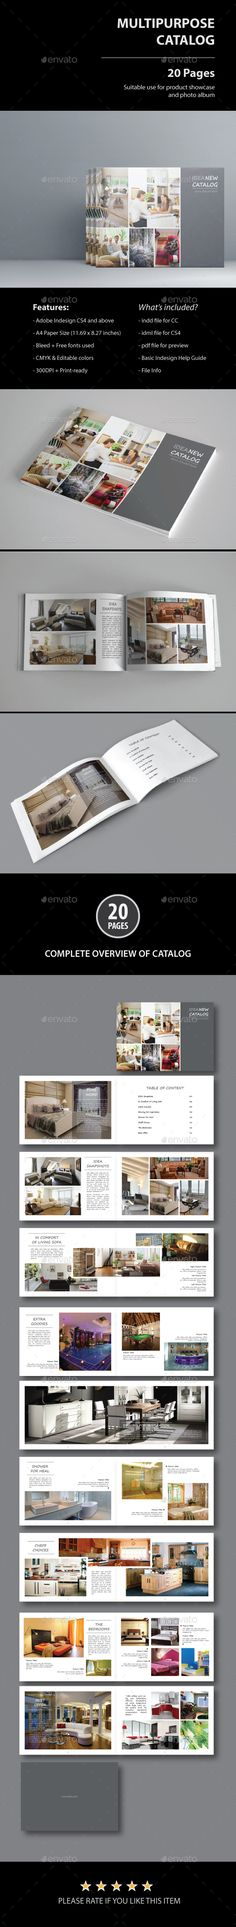 ALetter Portrait Architecture Brochure Template  Brochure